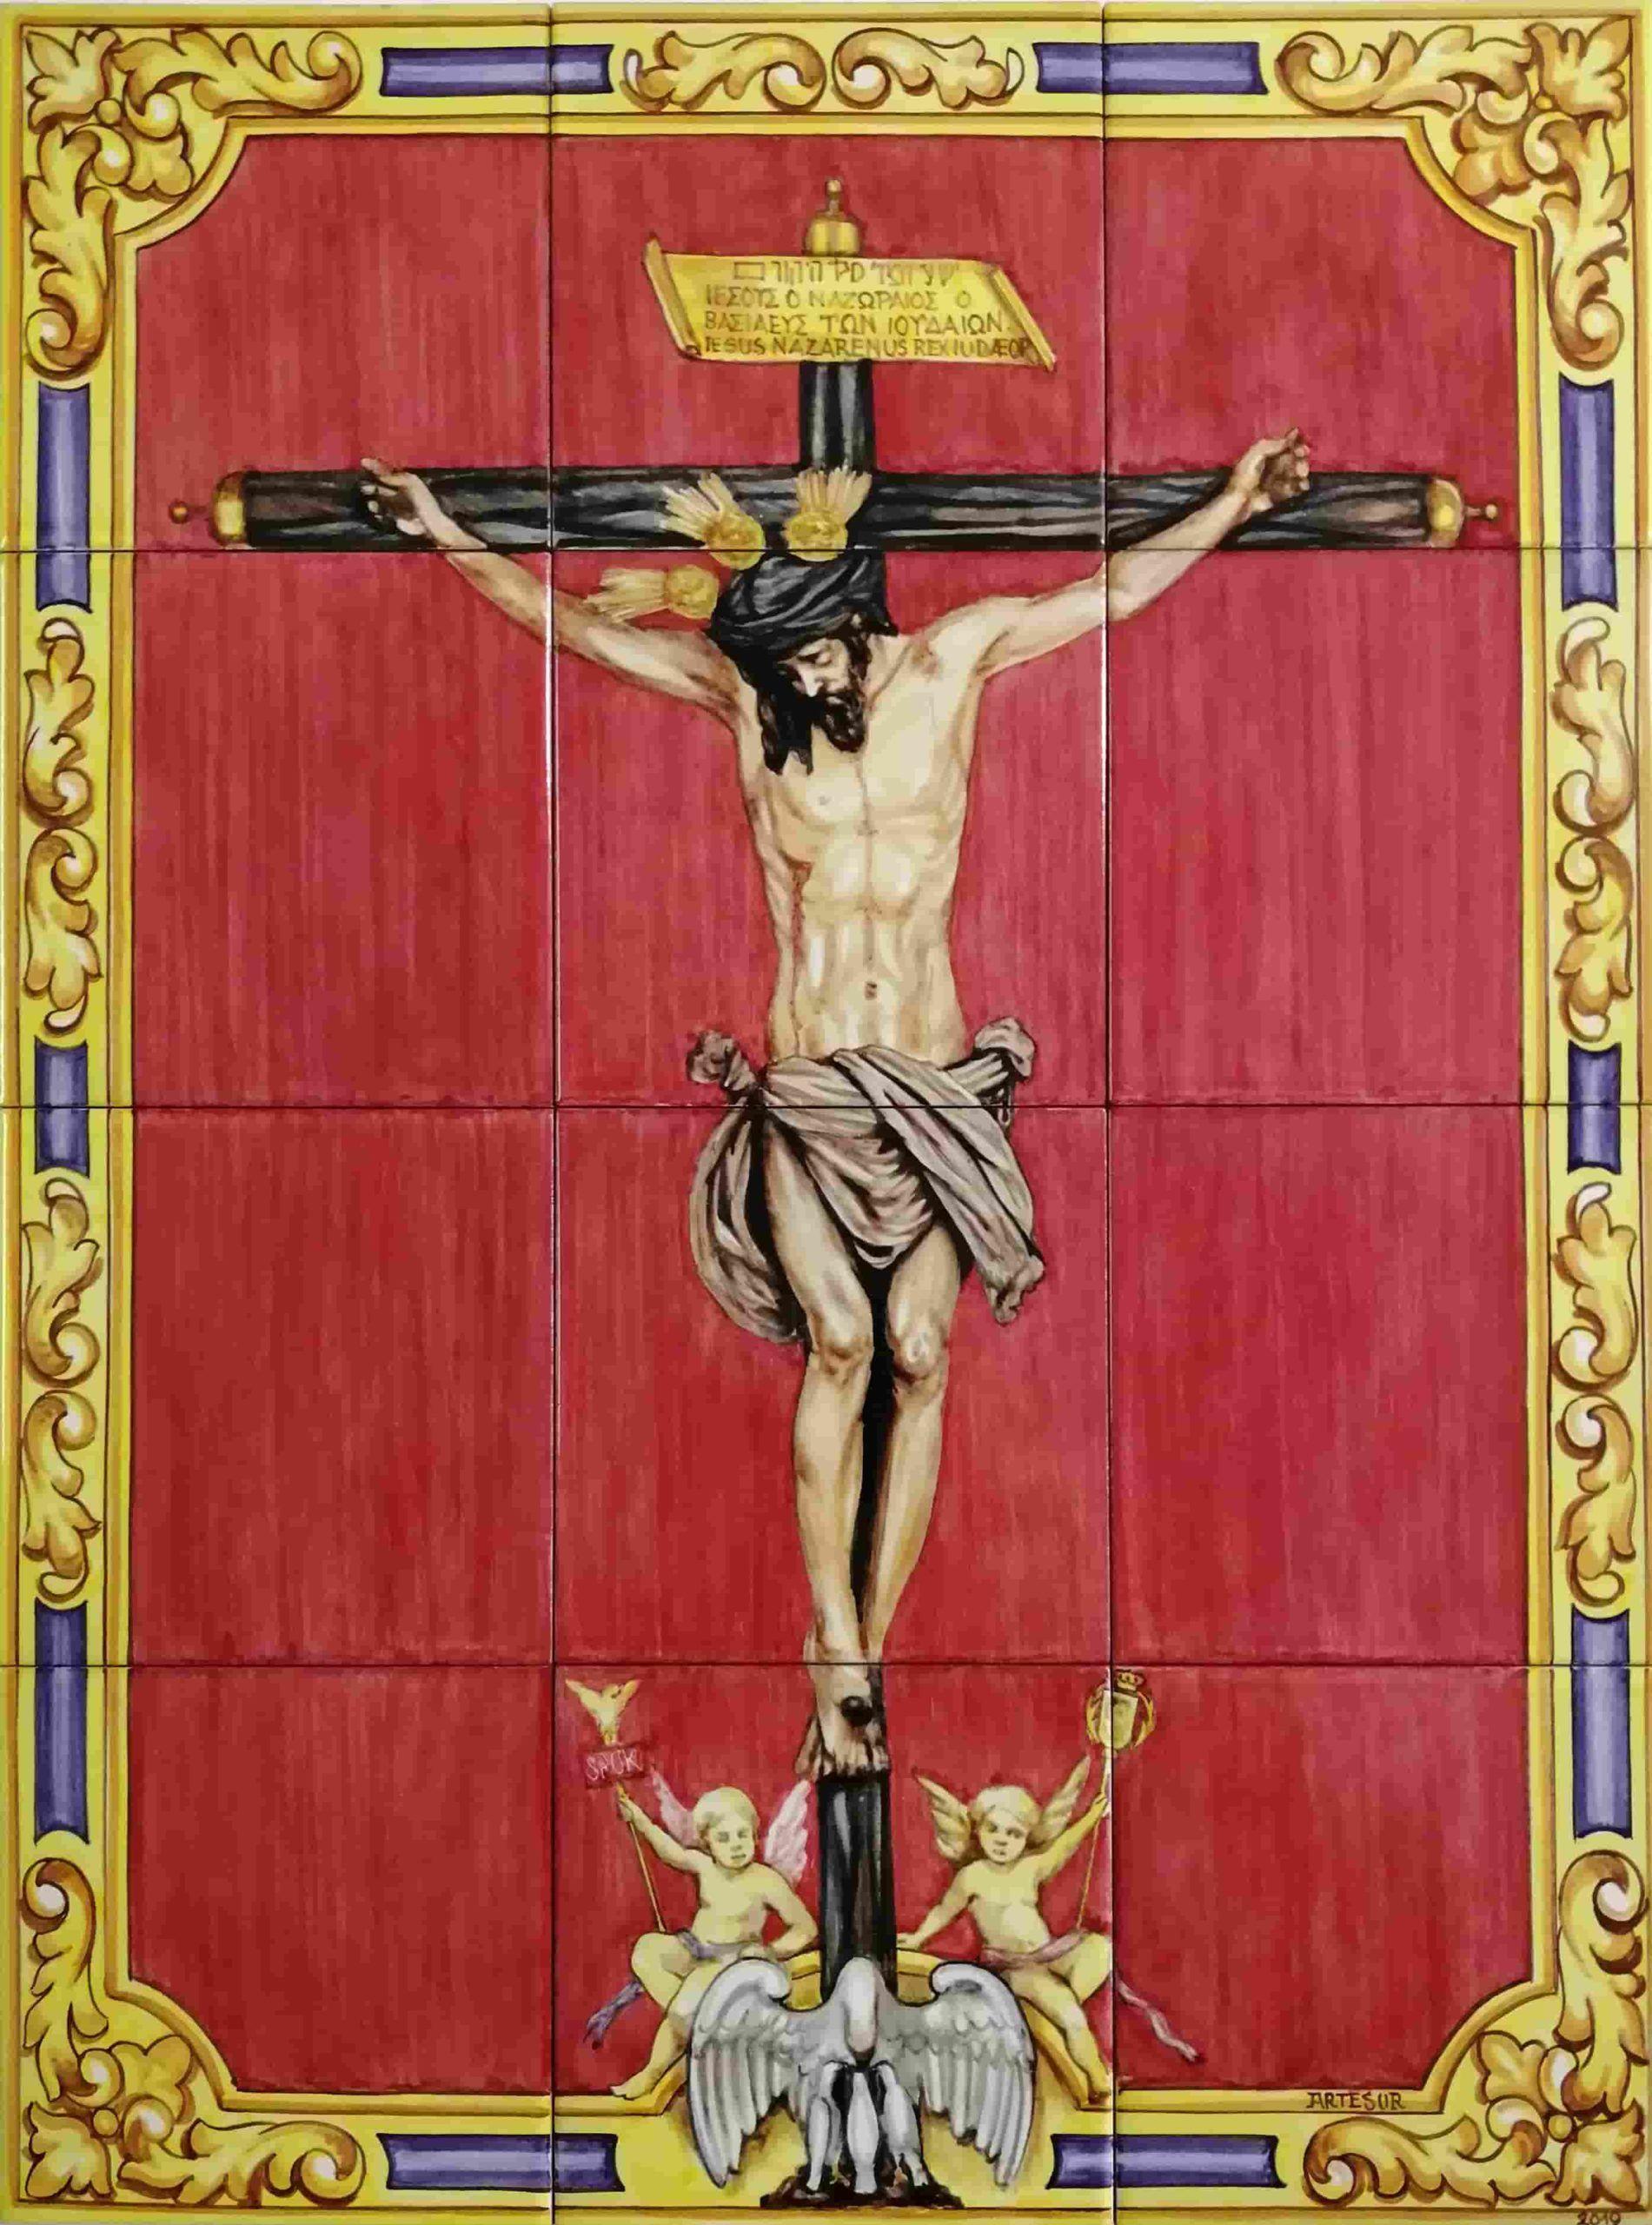 Azulejos artesanos pintados a mano en el estilo sevillano - Artesur - Cristo del amor-755708